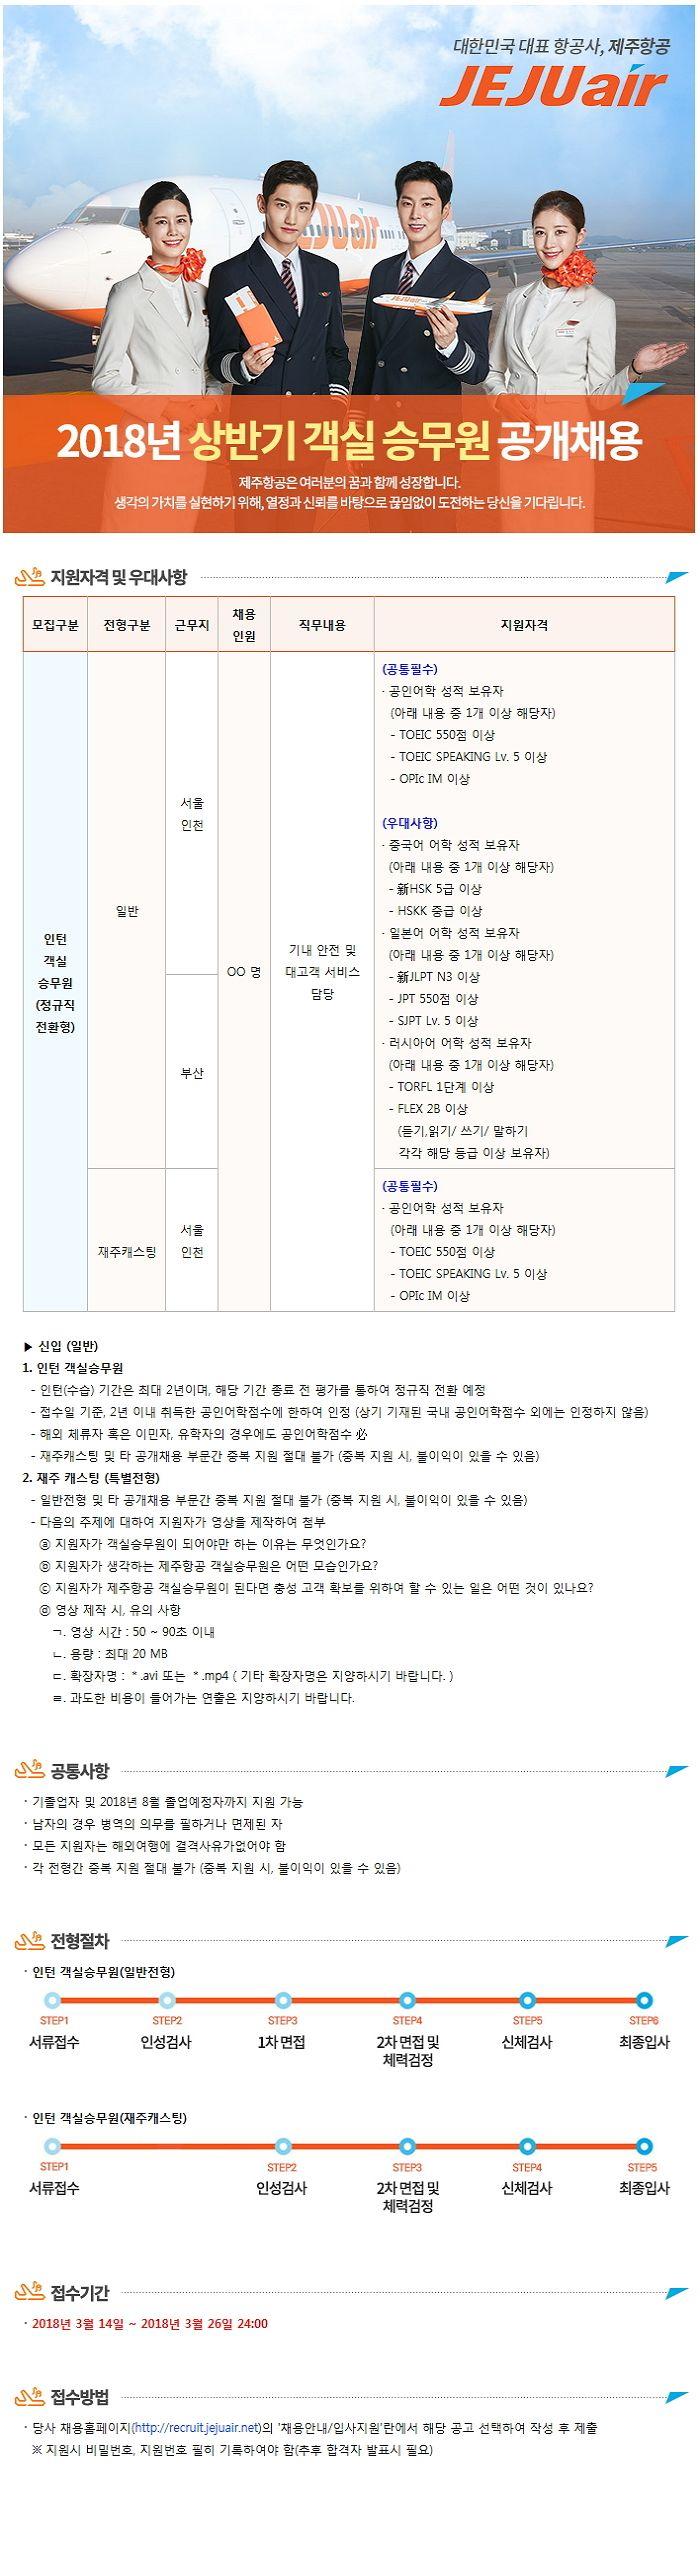 [제주항공] 2018 상반기 공개채용(객실승무원)